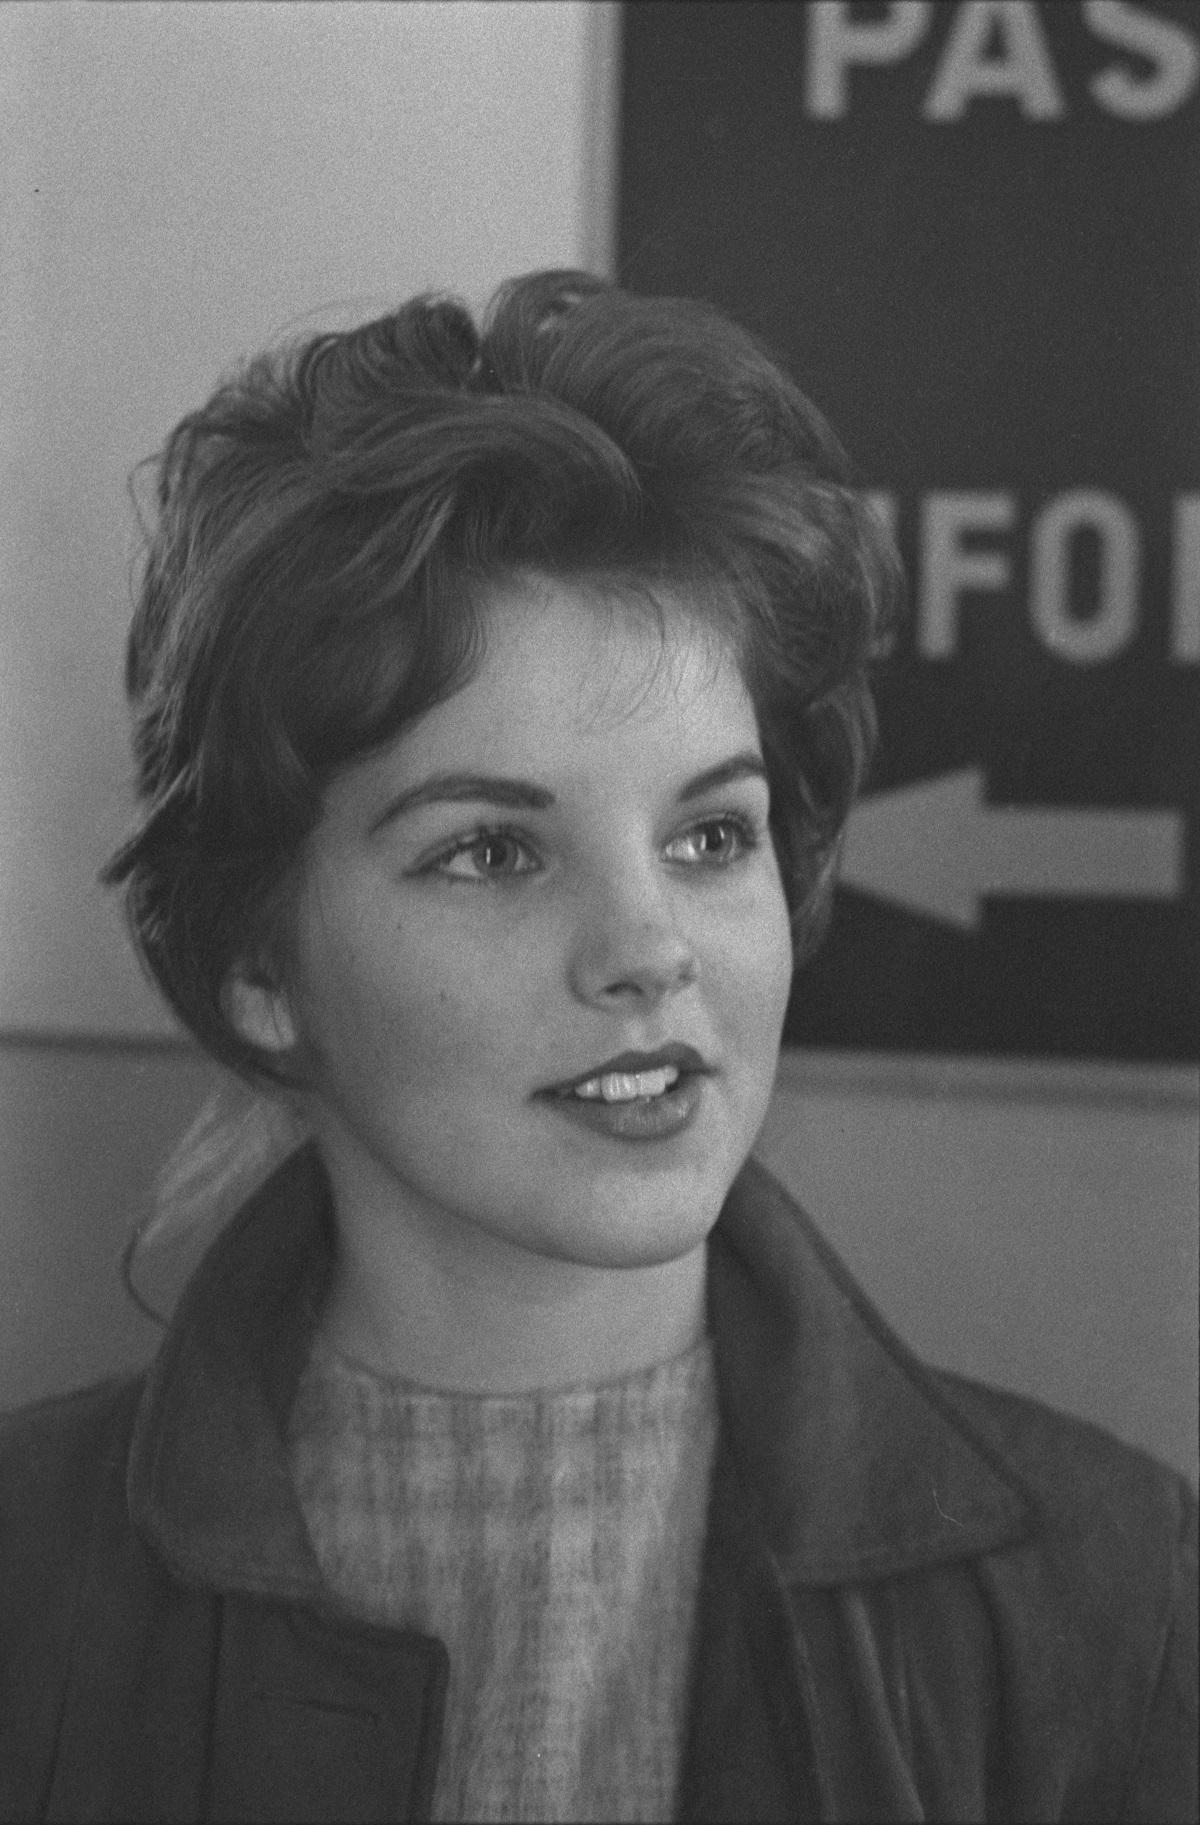 Priscilla Beaulieu in 1960